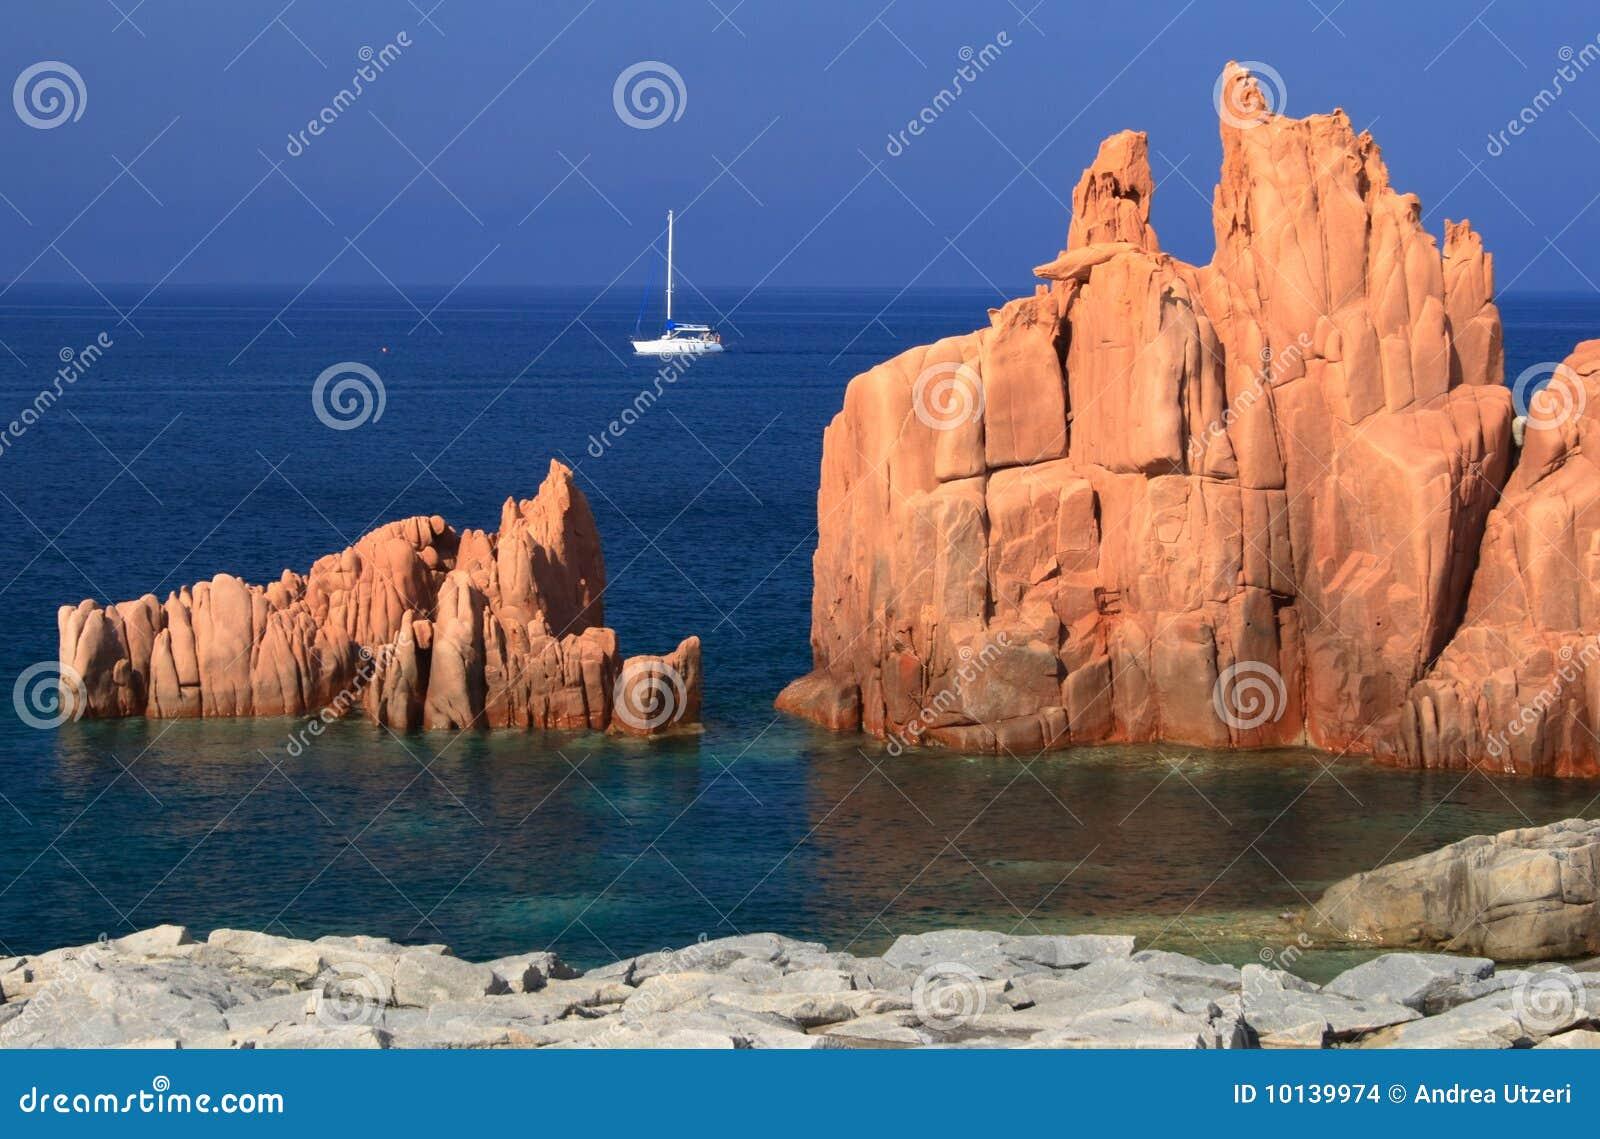 Arbatax red stones